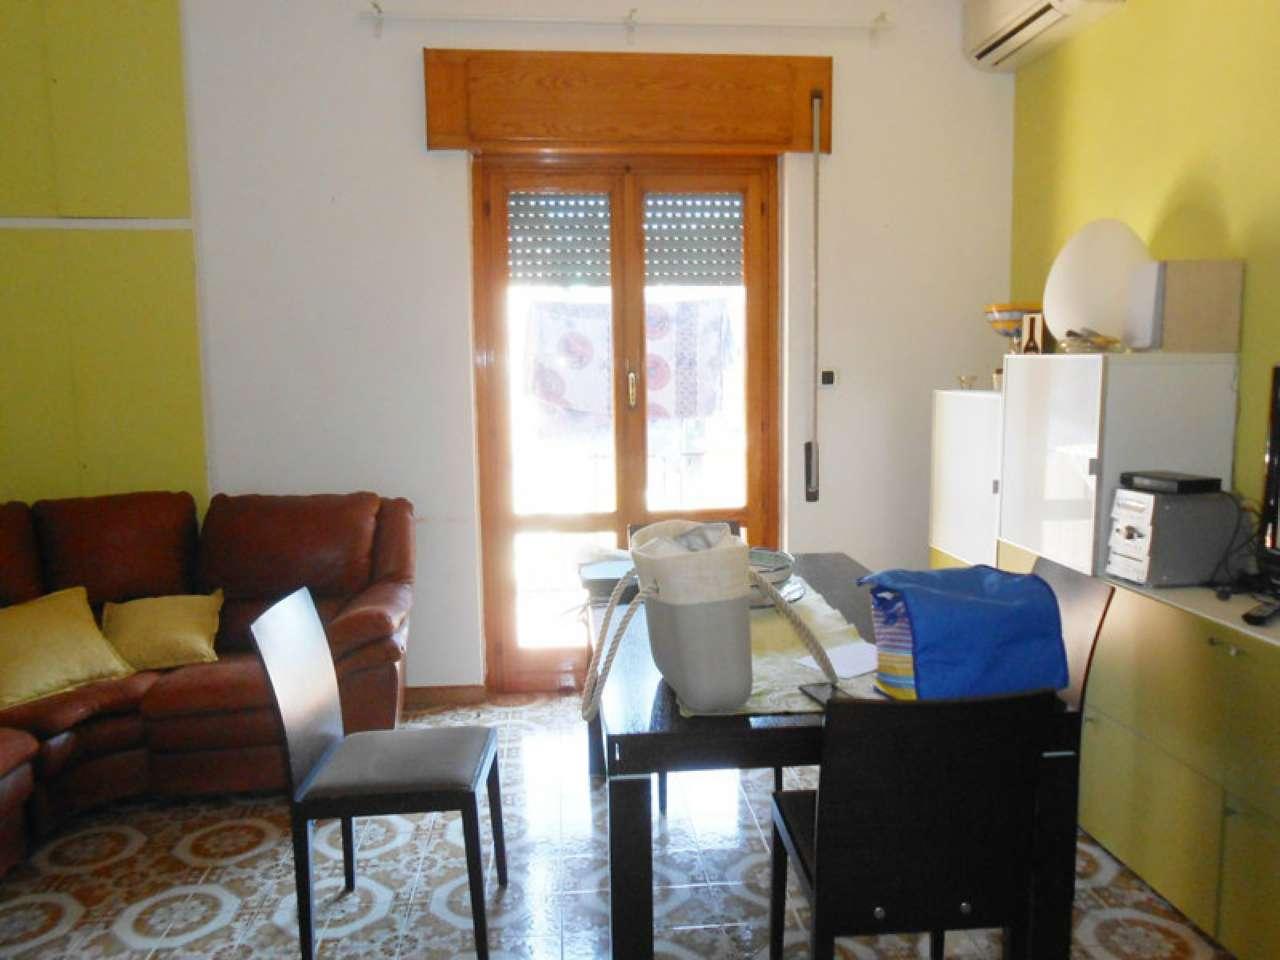 Appartamento in vendita a Roma, 3 locali, zona Zona: 11 . Centocelle, Alessandrino, Collatino, Prenestina, Villa Giordani, prezzo € 179.000 | CambioCasa.it